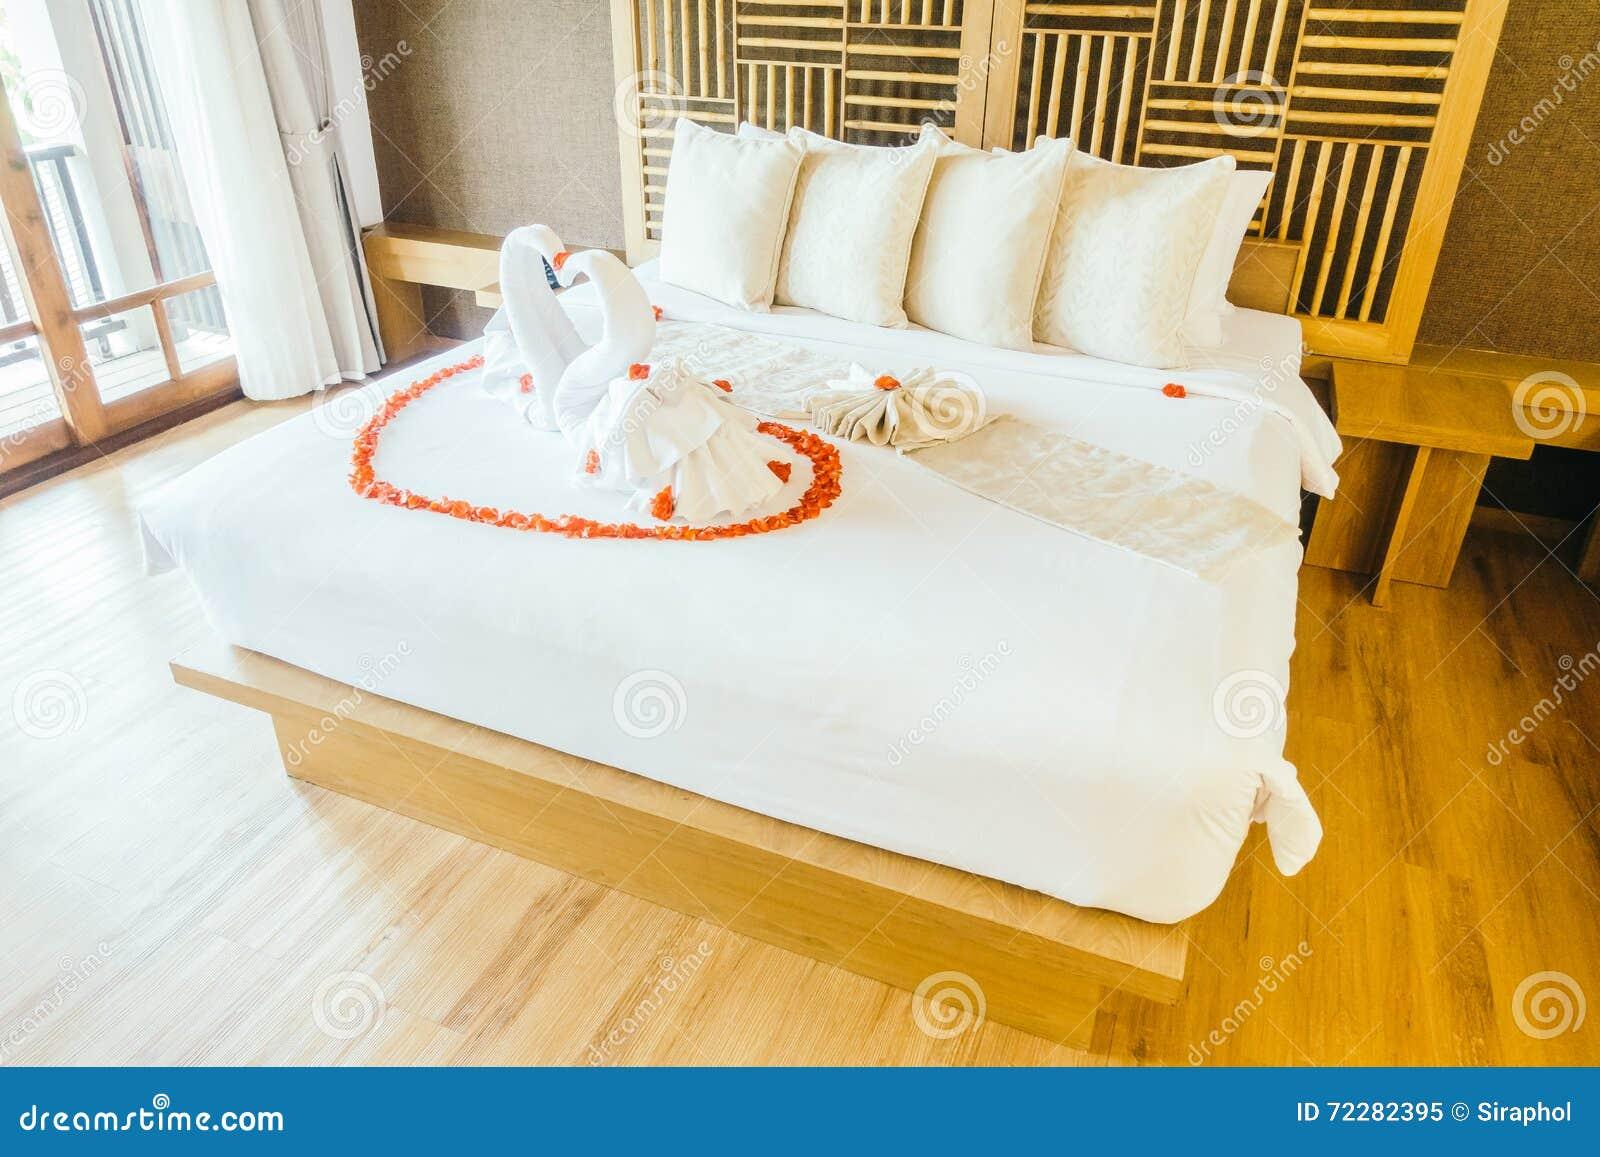 Download Полотенце лебедя стоковое изображение. изображение насчитывающей валентайн - 72282395